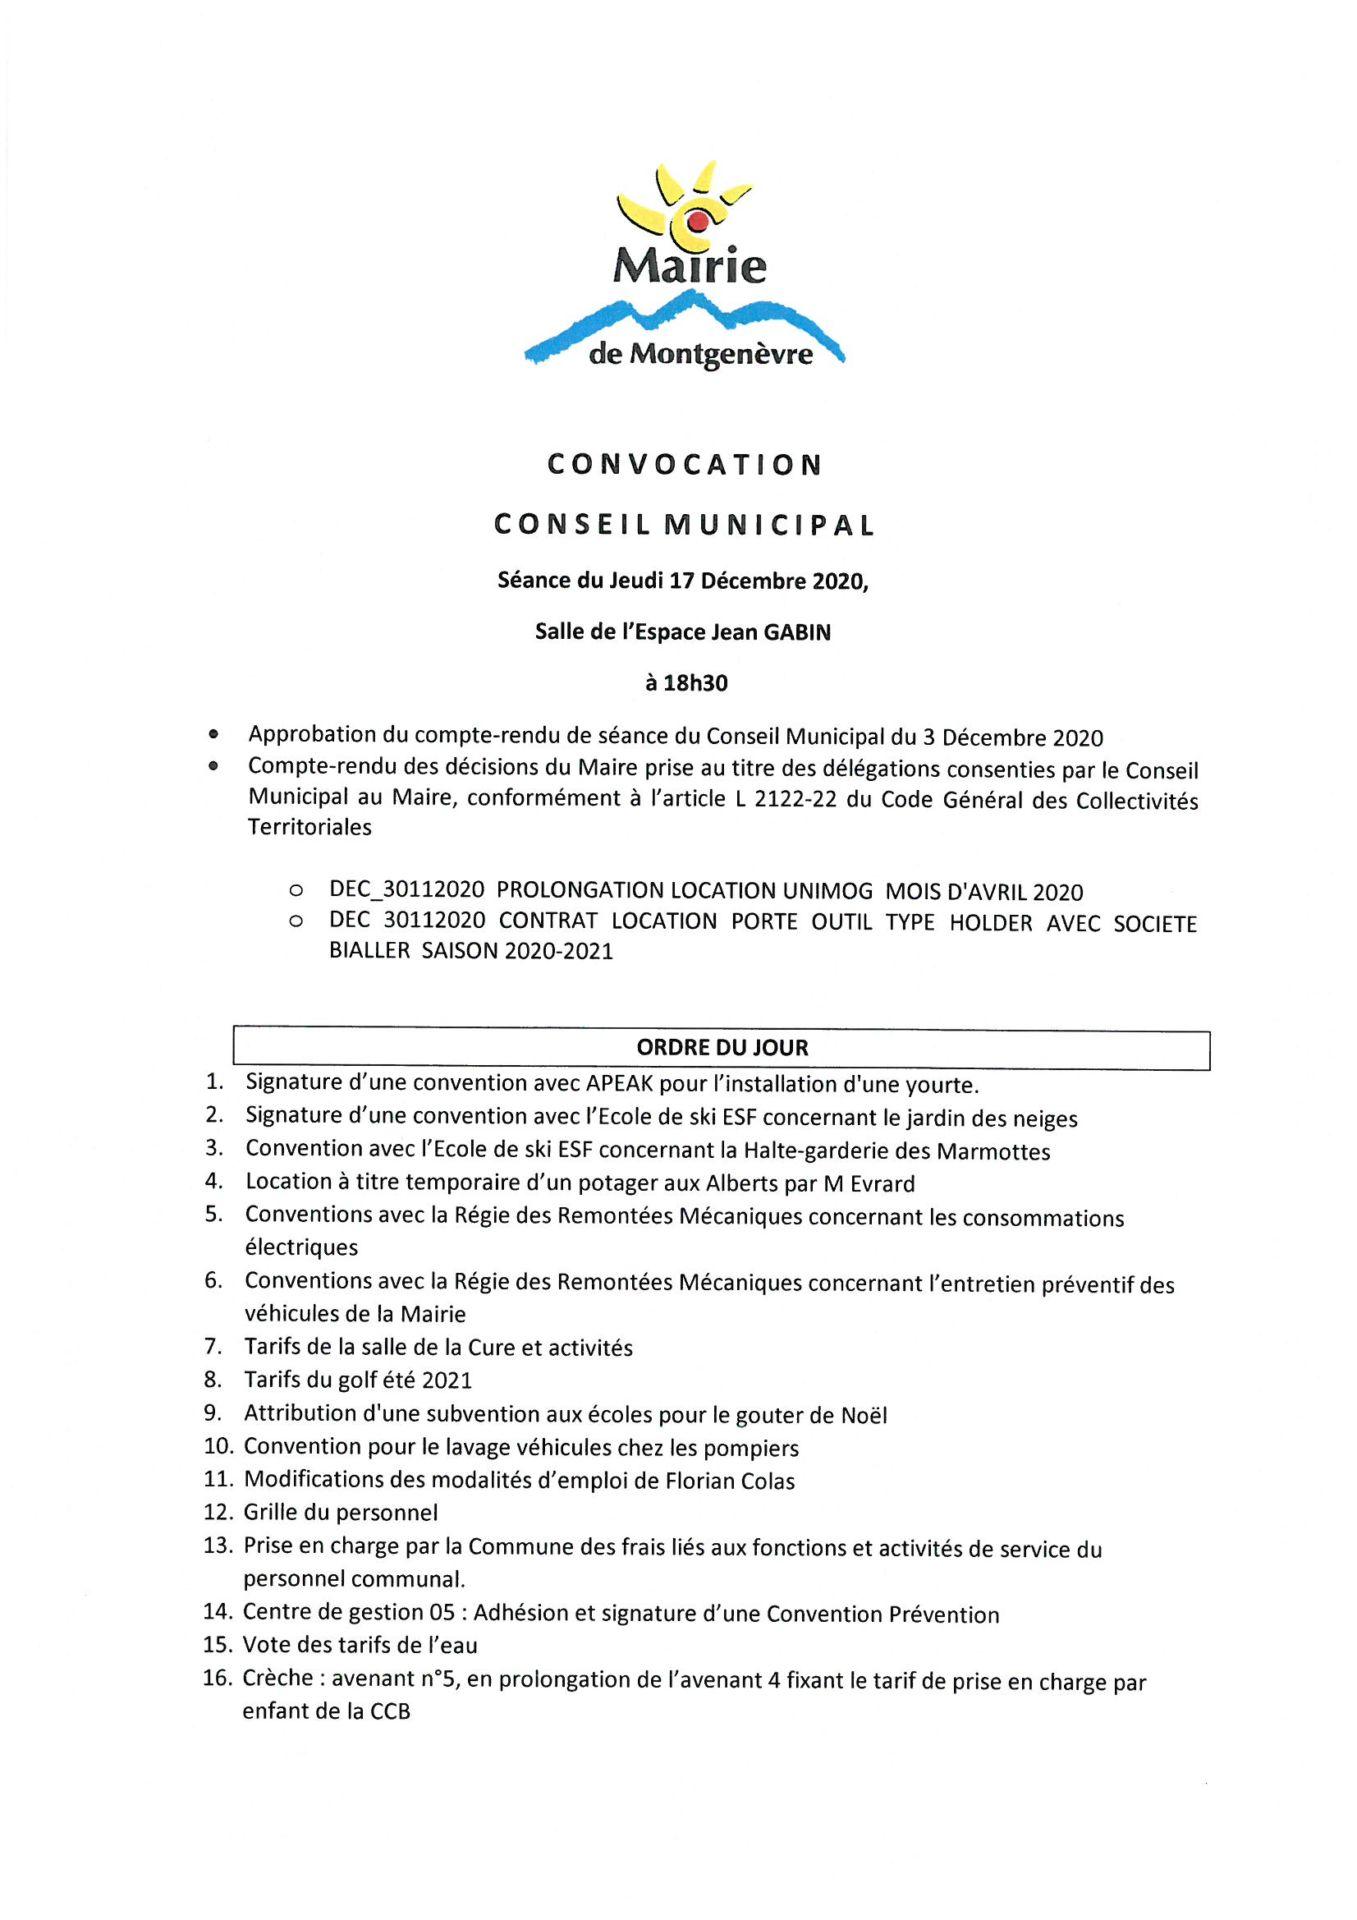 Convocation Conseil Municipal du 3 décembre 2020 - Page 1 © Mairie de Montgenèvre